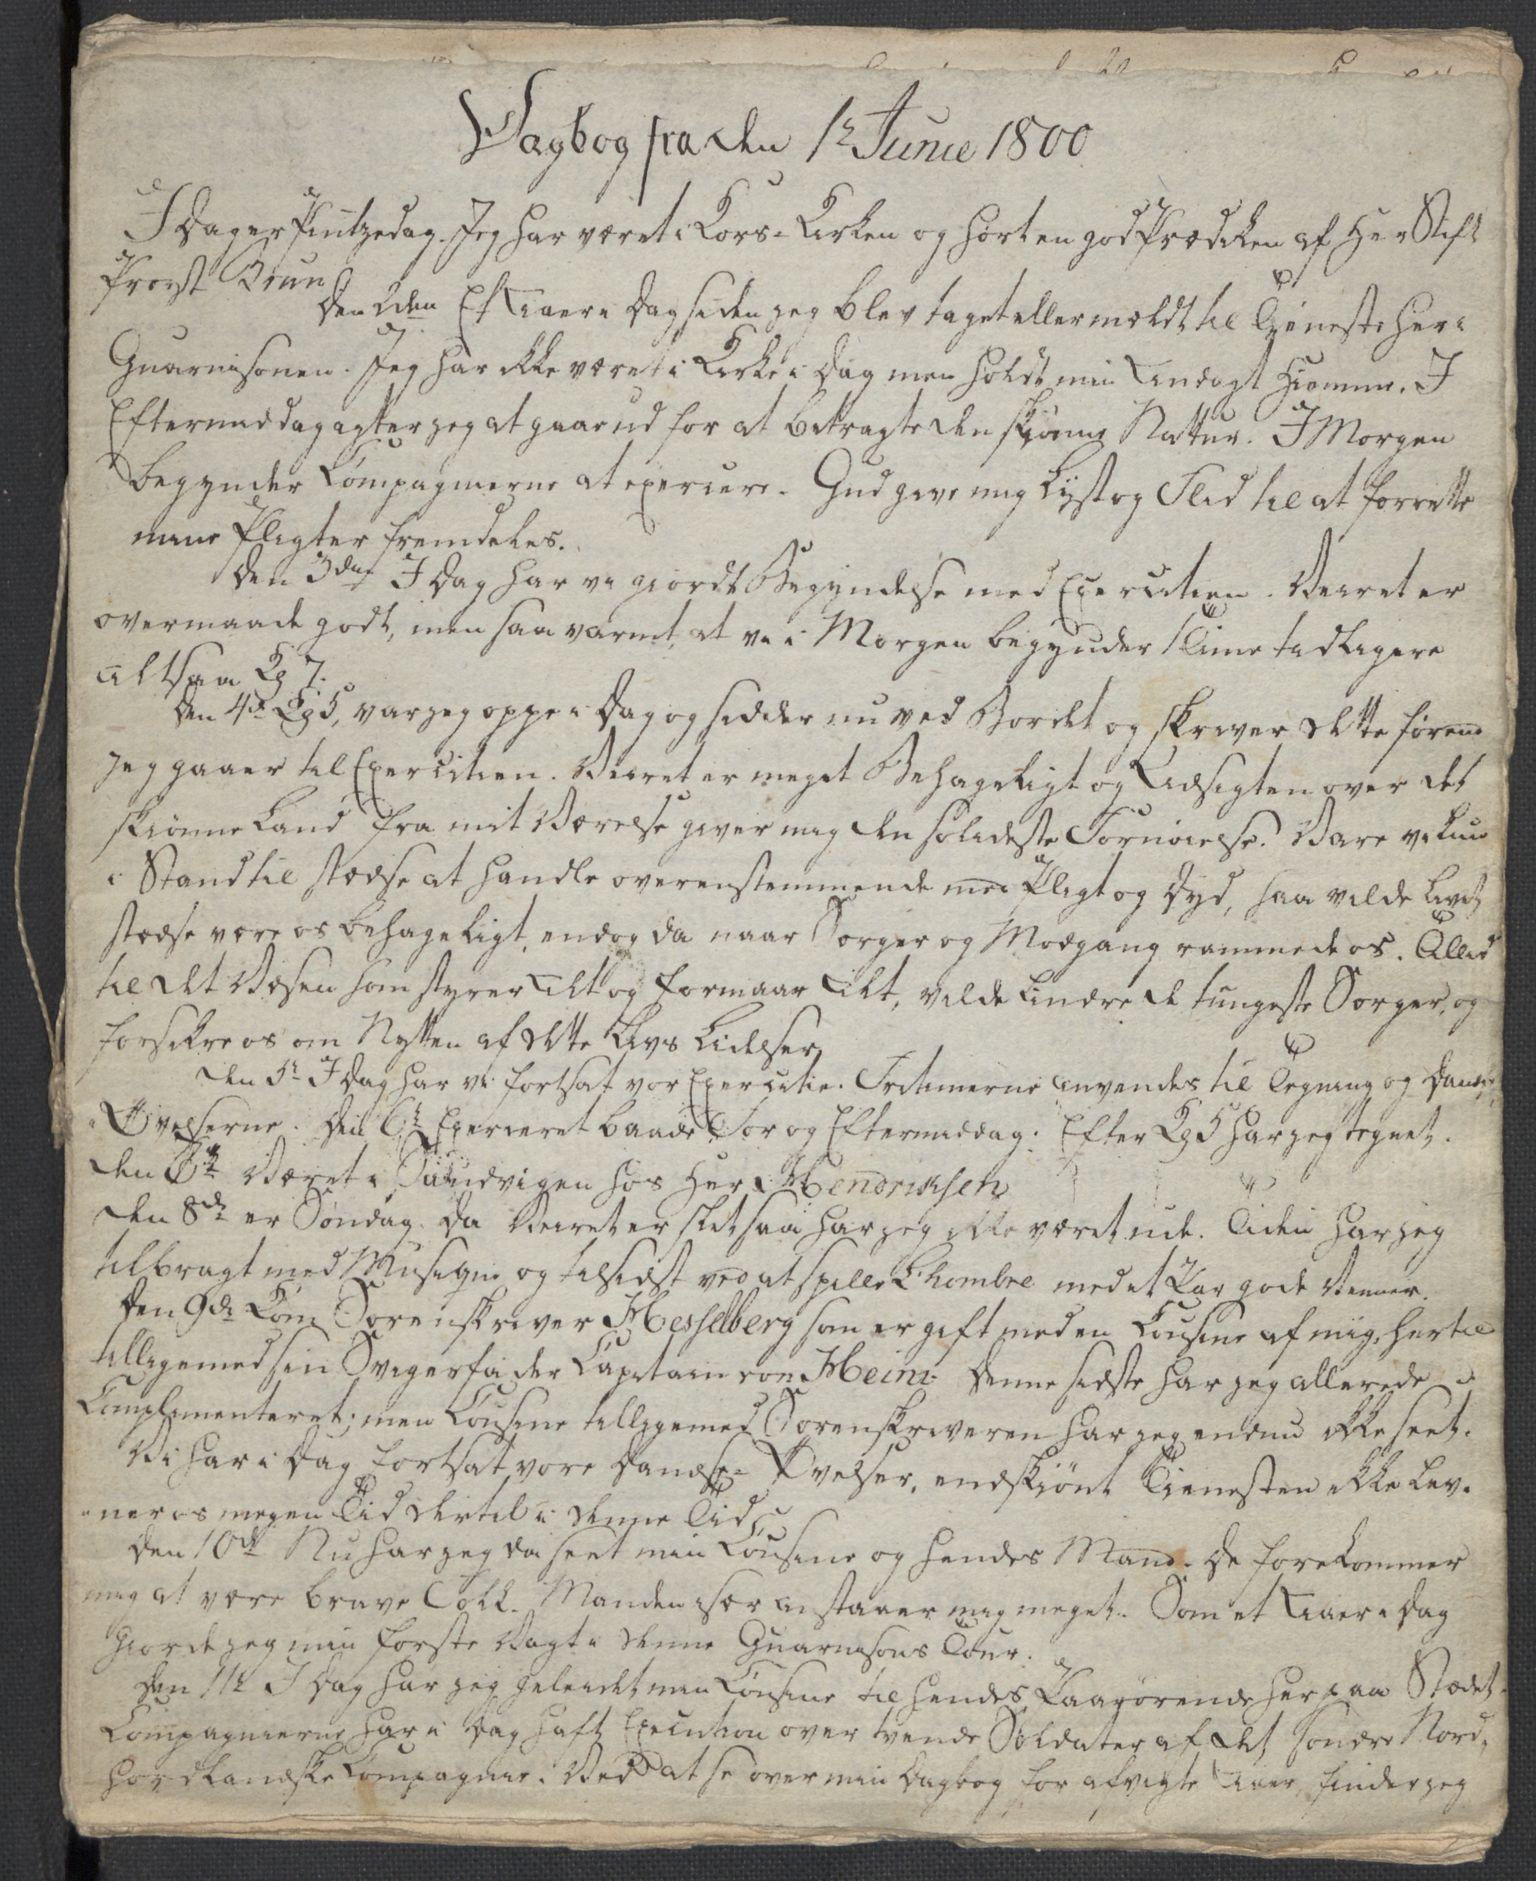 RA, Holck, Meidell, Hartvig, F/L0001: (Kassett) Dagbøker ført av Ole Elias v.Holck, 1798-1842, s. 64